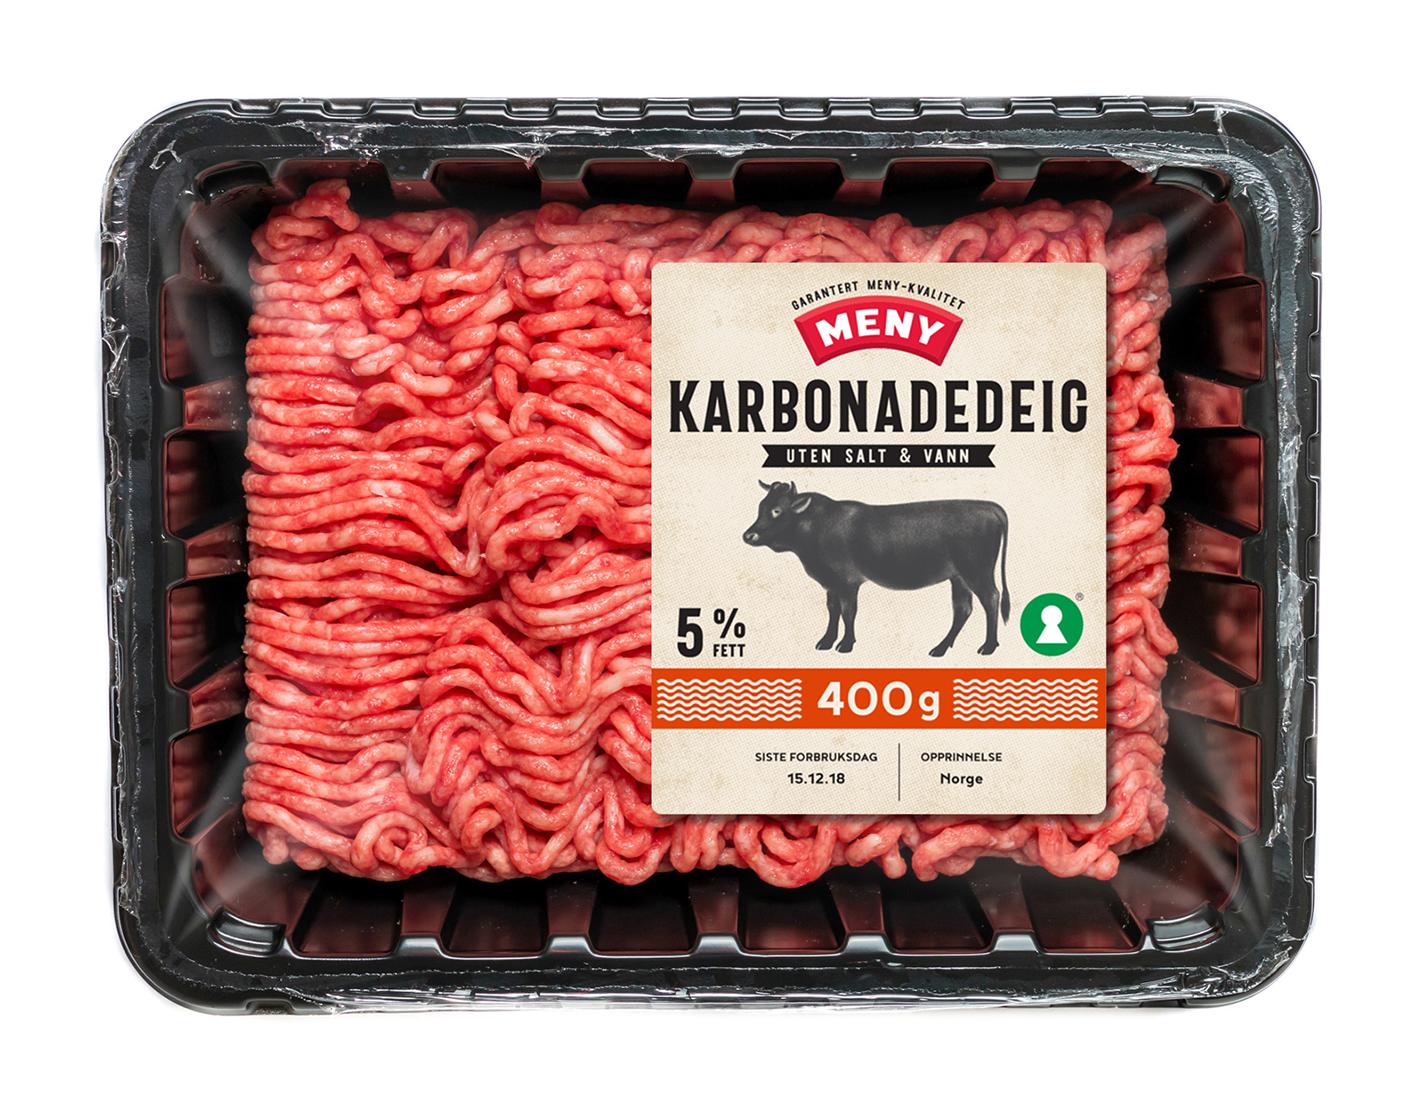 J_10118_Mock-Up_Minced_Meat_Karbonadedeig.jpg